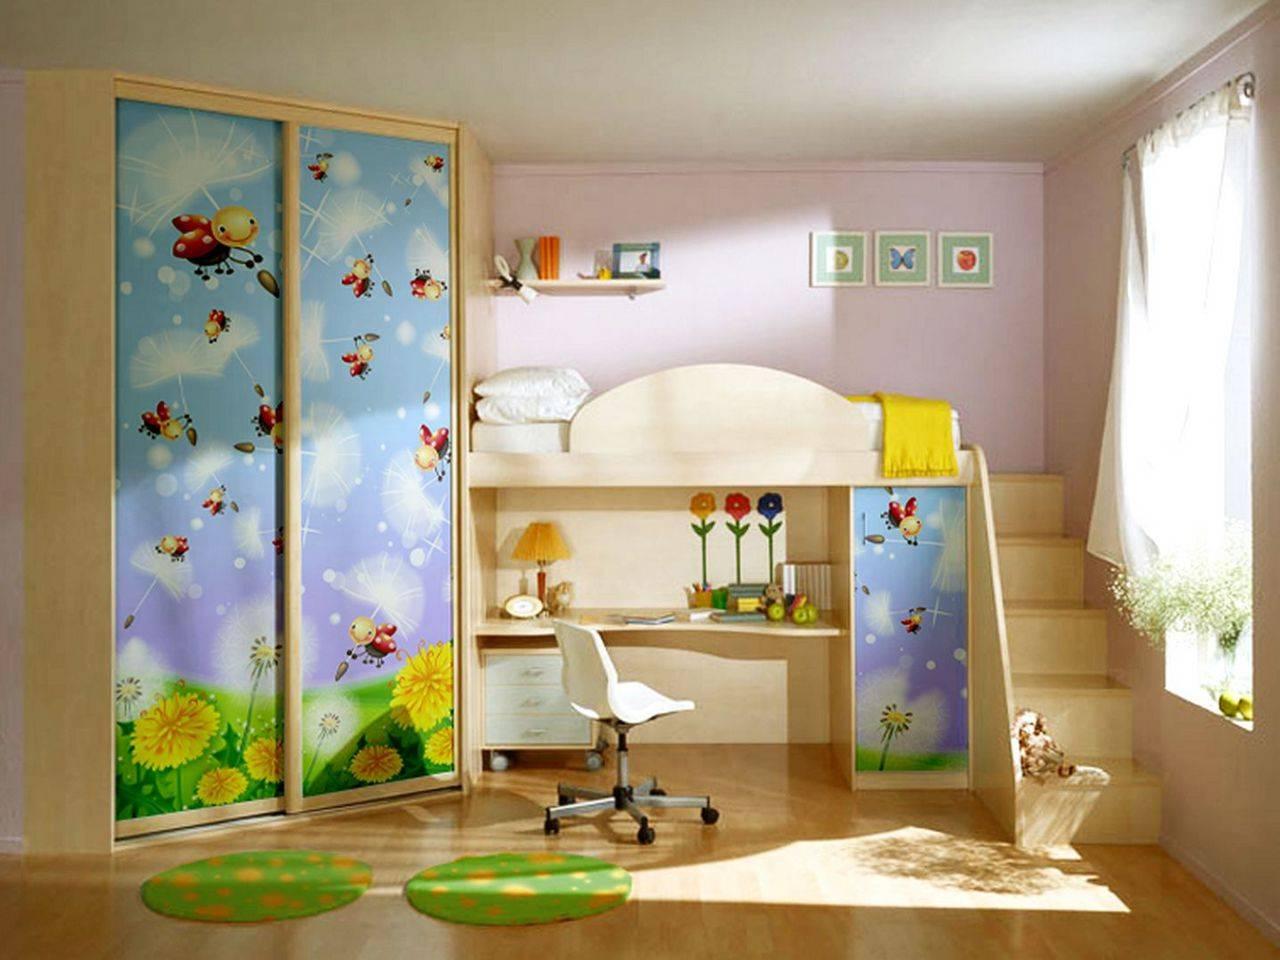 Шкаф для игрушек — 26 реальных примеров (фото)